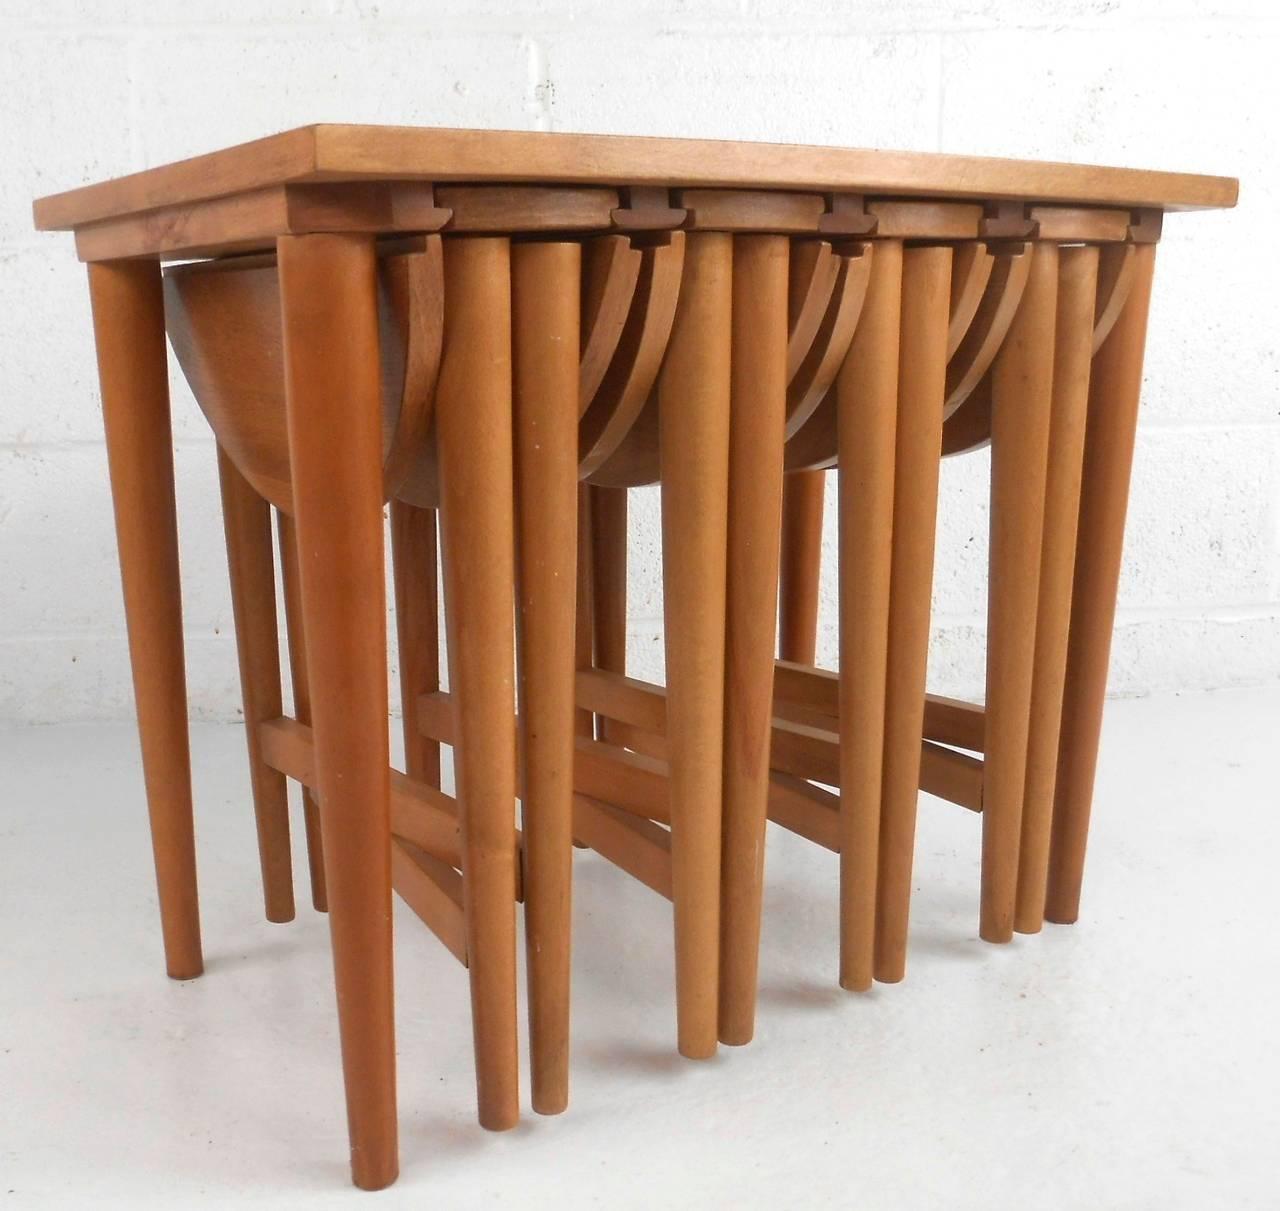 Vintage gateleg nesting tables after carlo jensen for sale